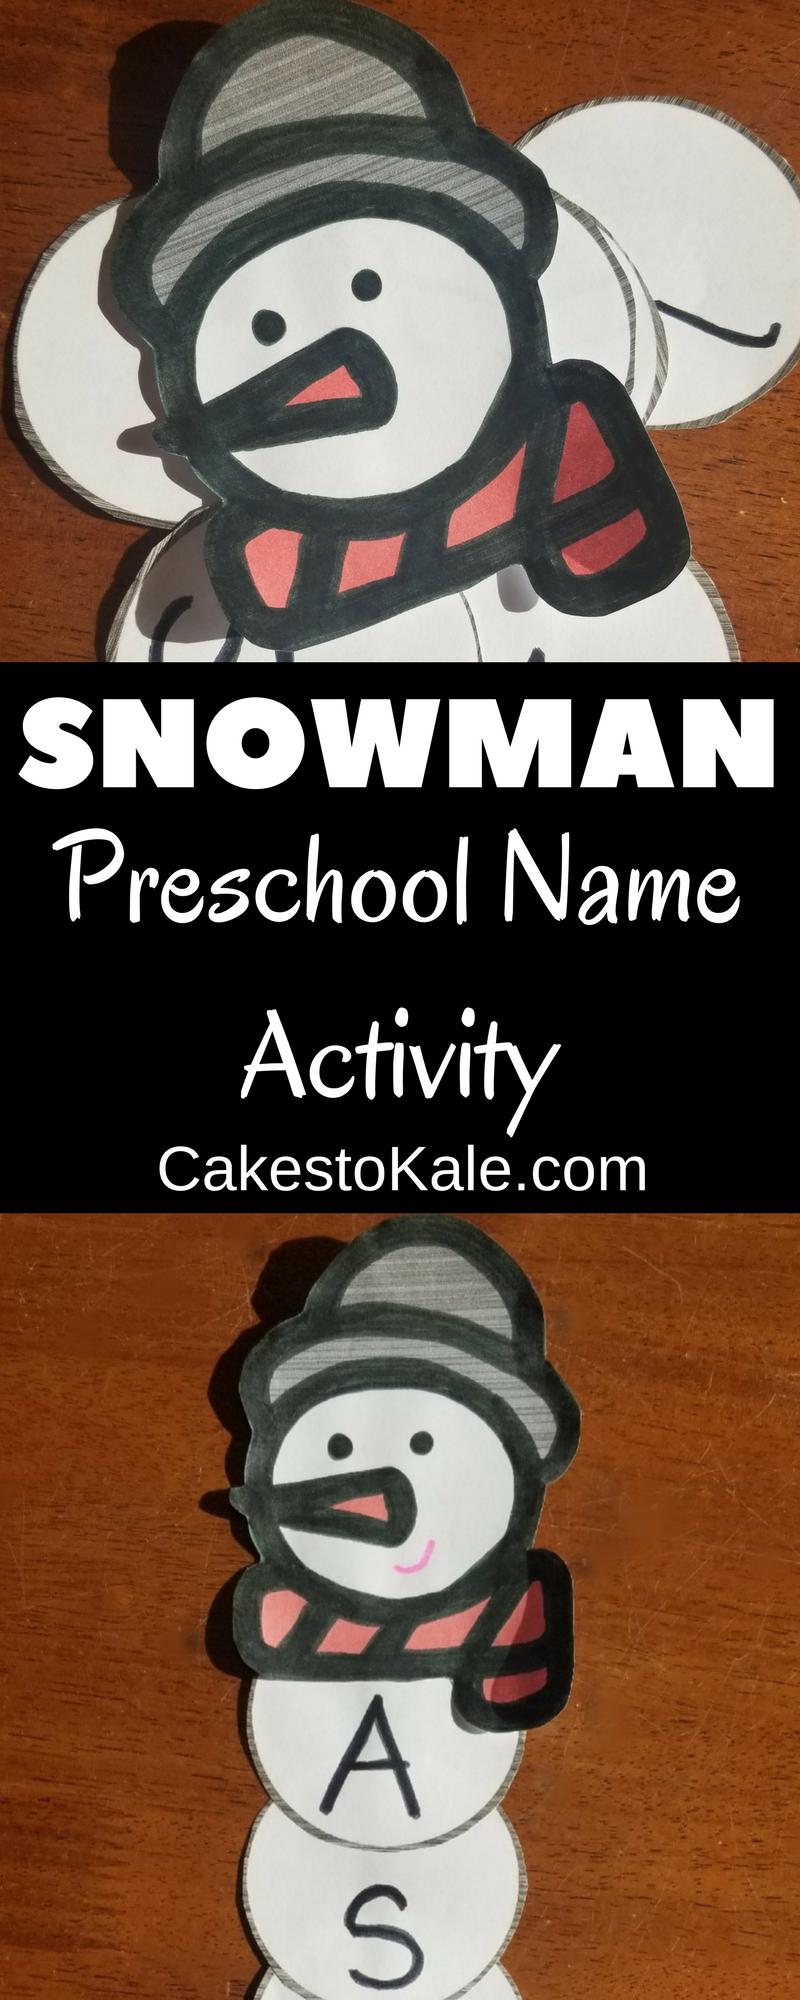 Snowman Preschool Name Activity #preschool #homeschool #kids #craft